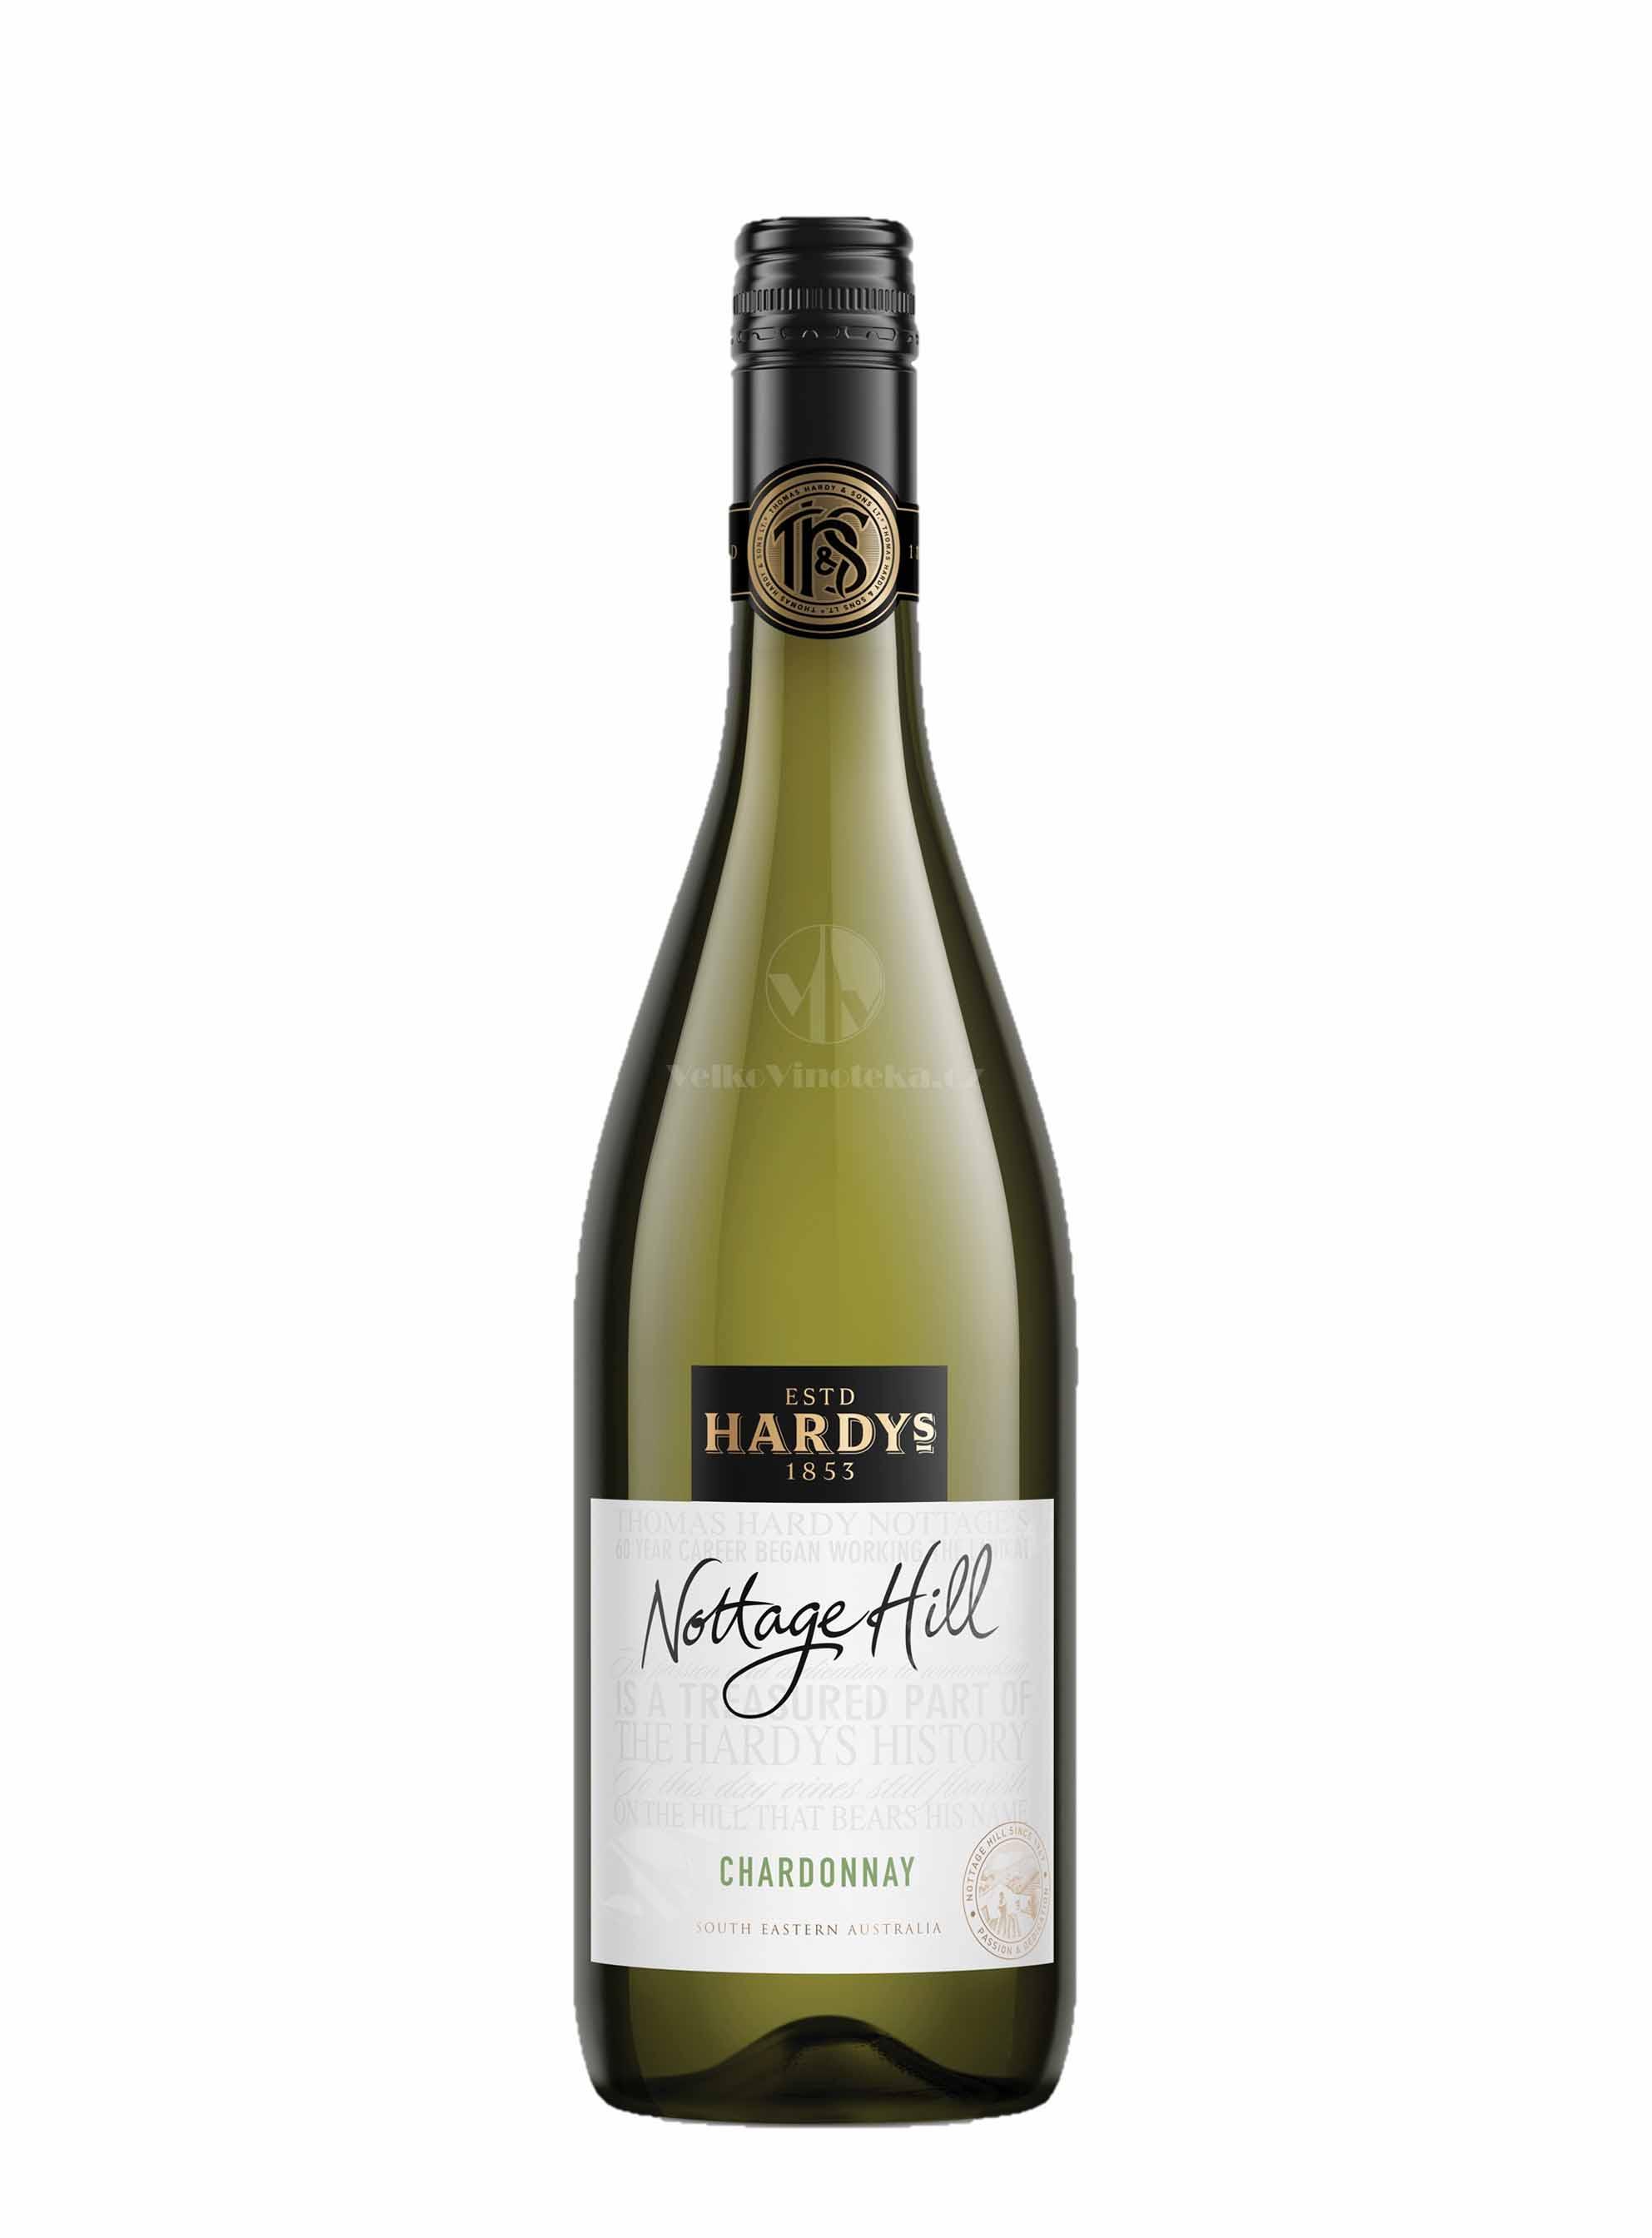 Chardonnay, Nottage Hill, 2013, Hardys, 0.75 l